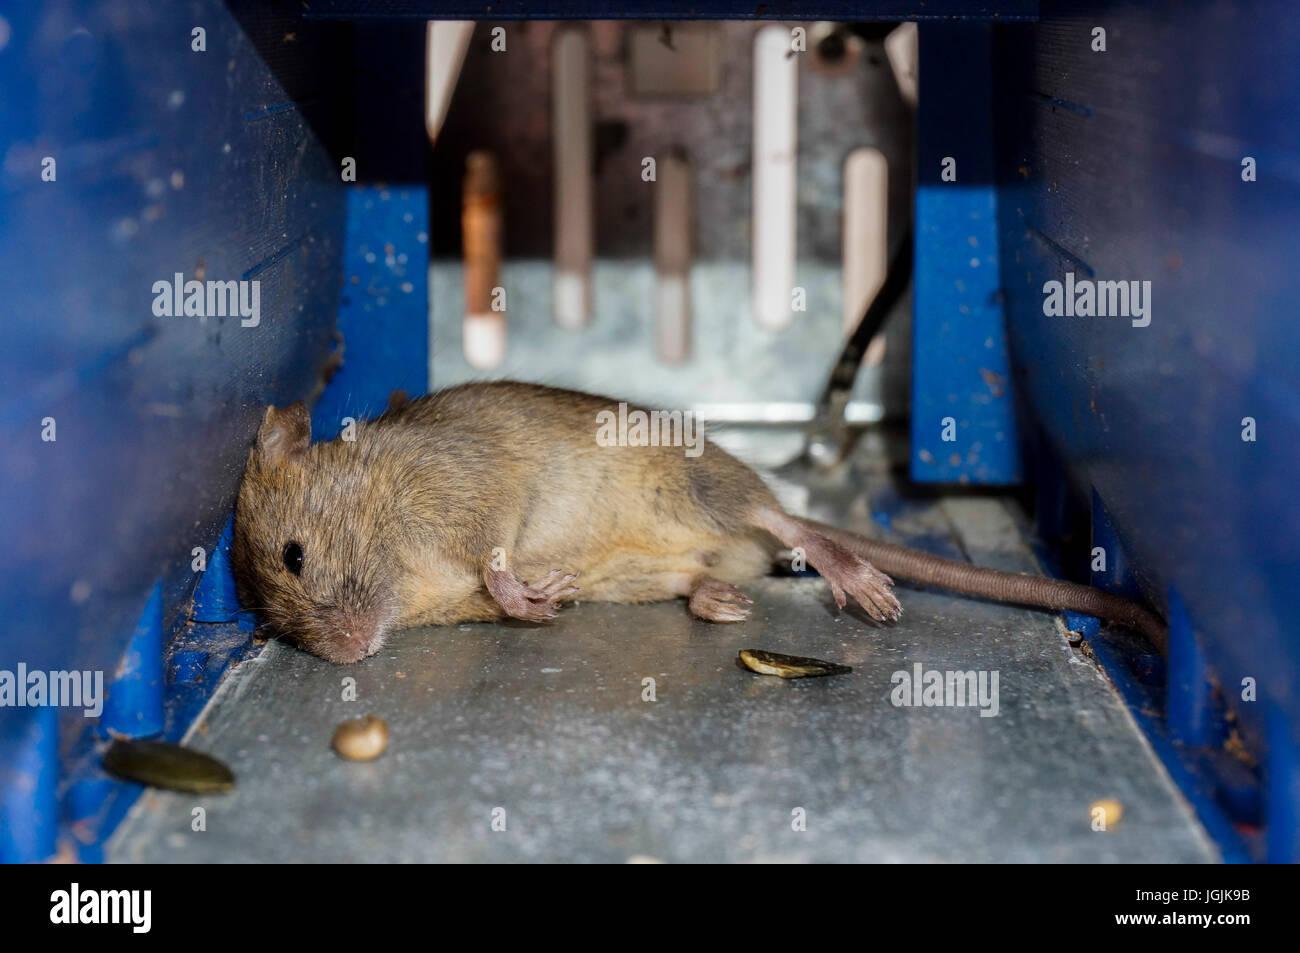 Un topo morto in una piccola e alimentato a batteria per la trappola, ucciso da una scossa elettrica, con il grano Immagini Stock